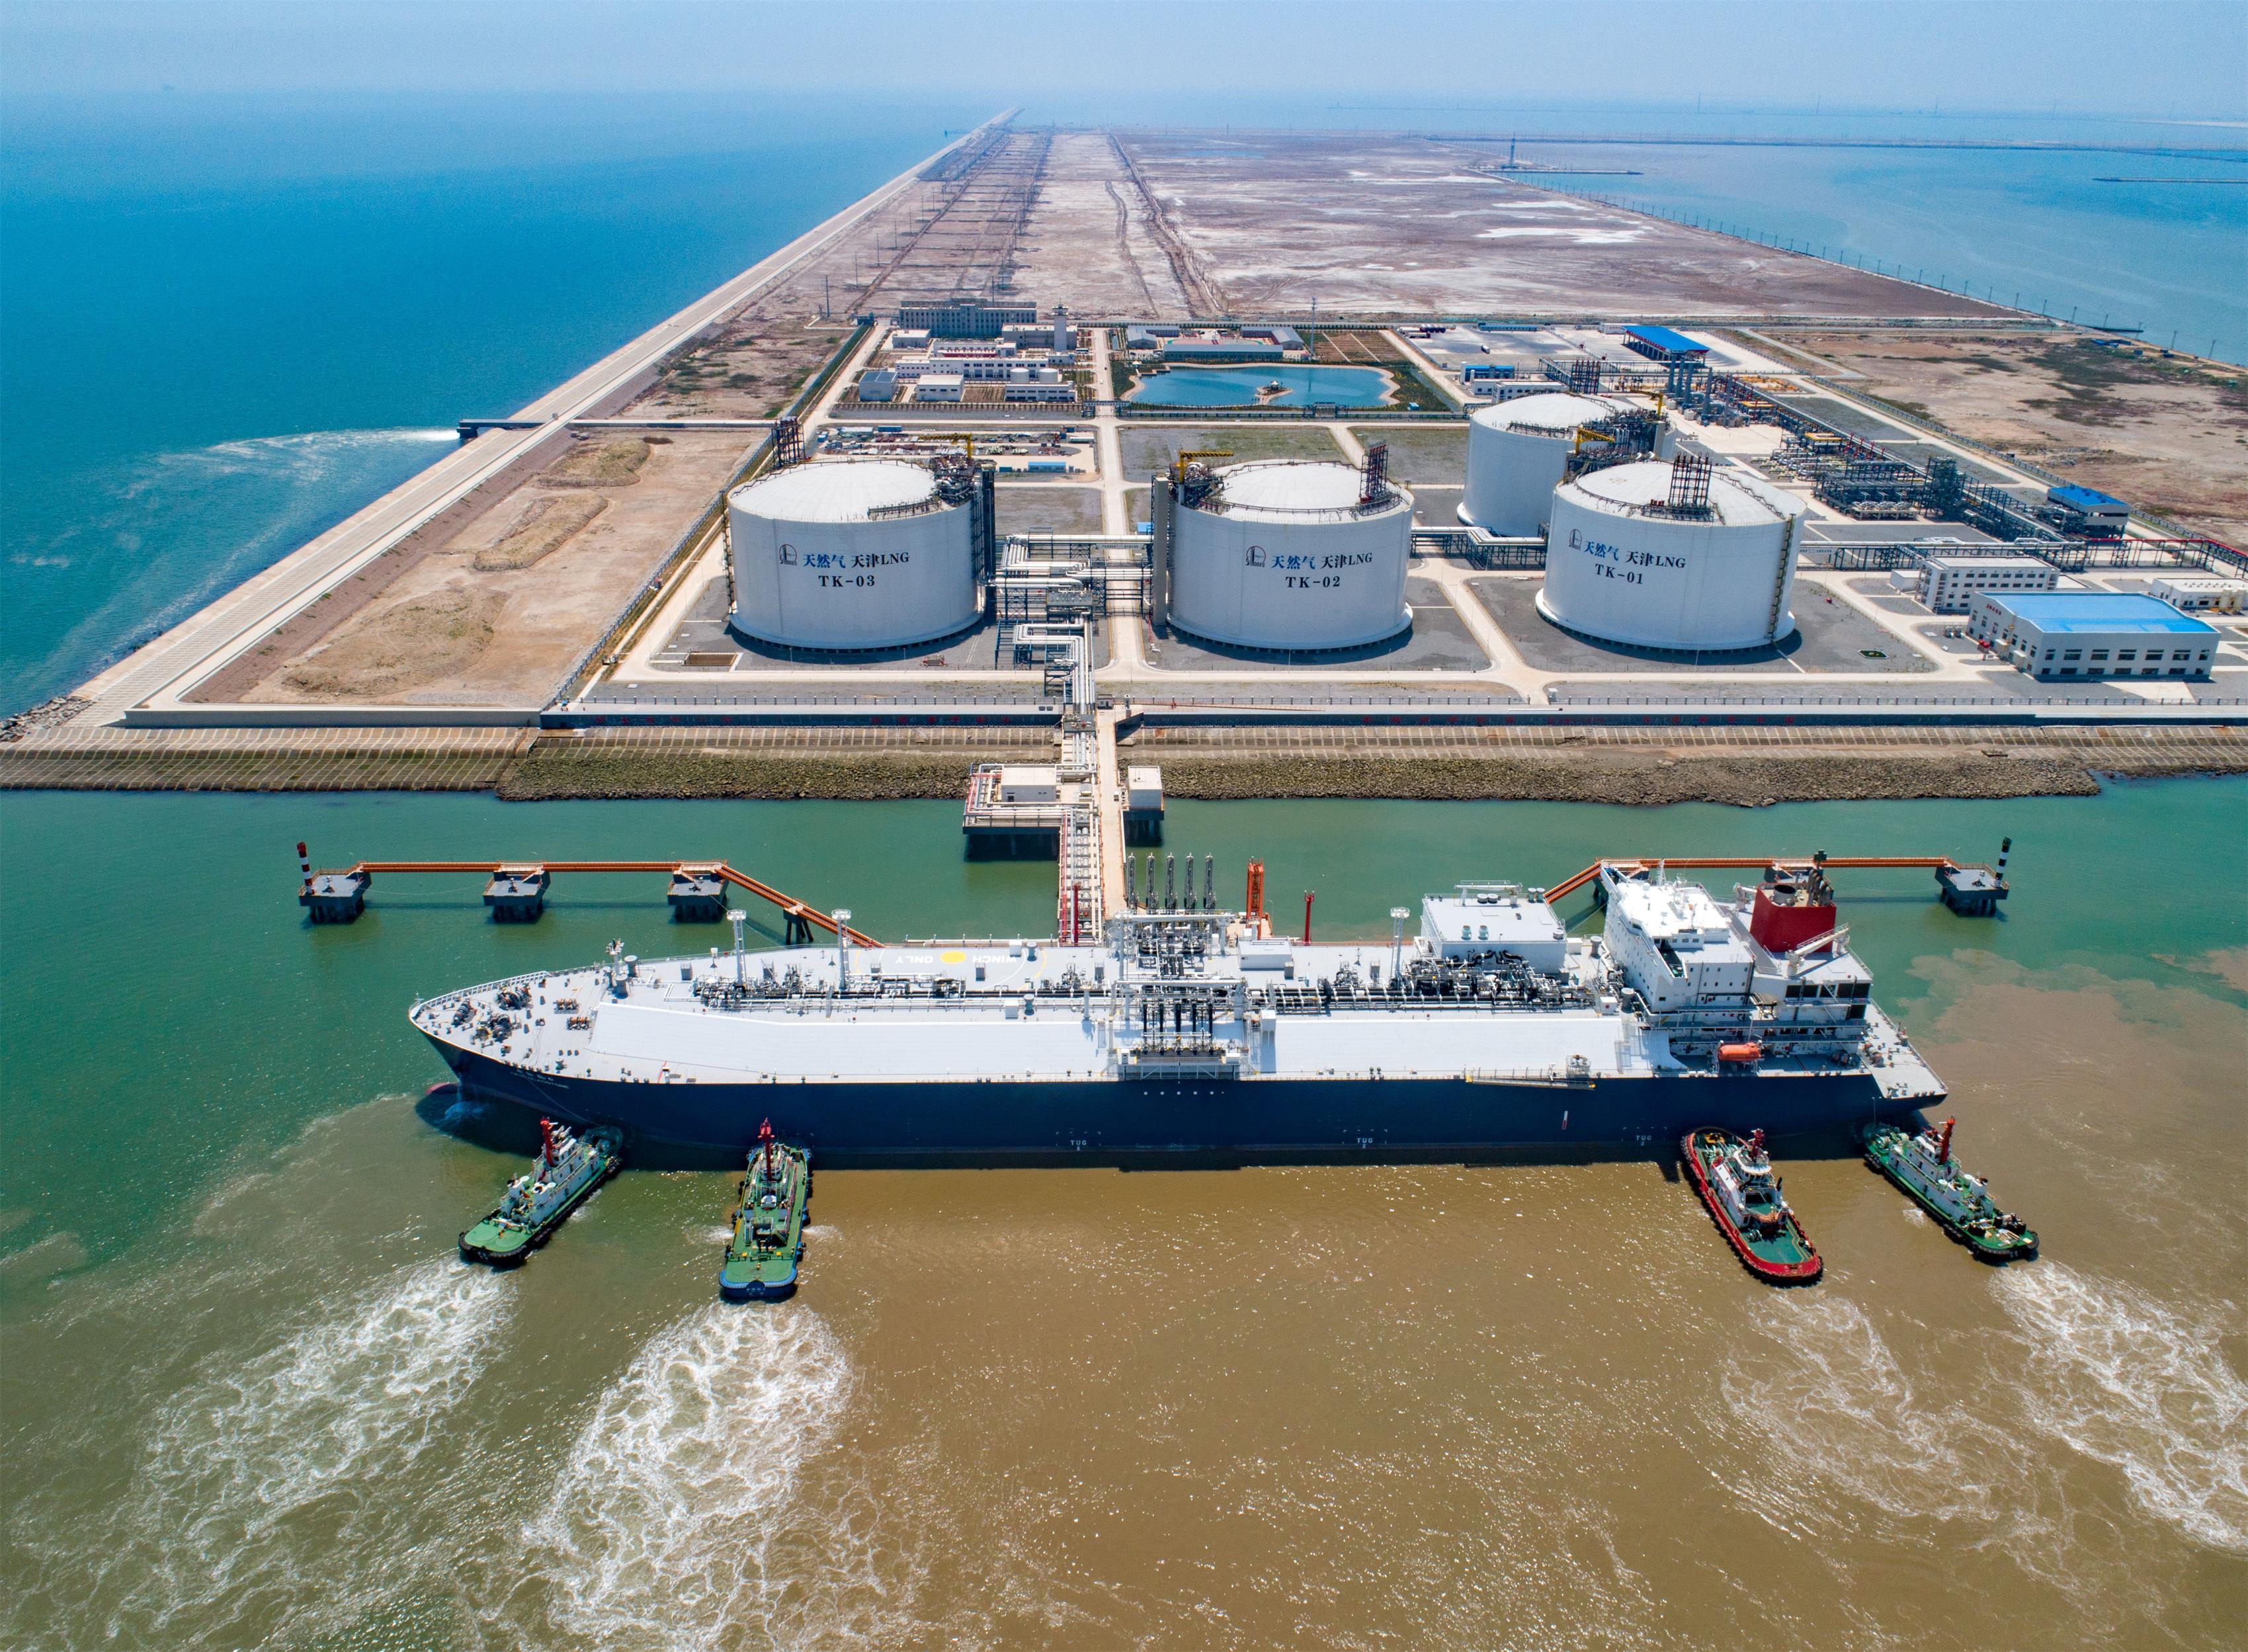 石油和天然气或成炼化业主流原料